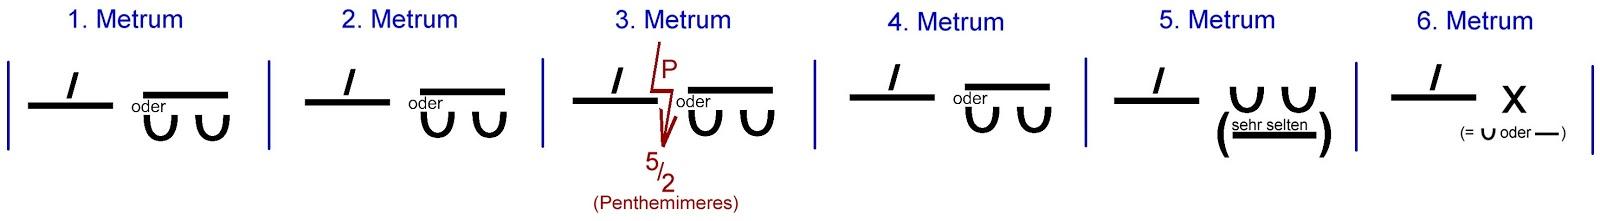 Vorzüge der Hexameterdichtung